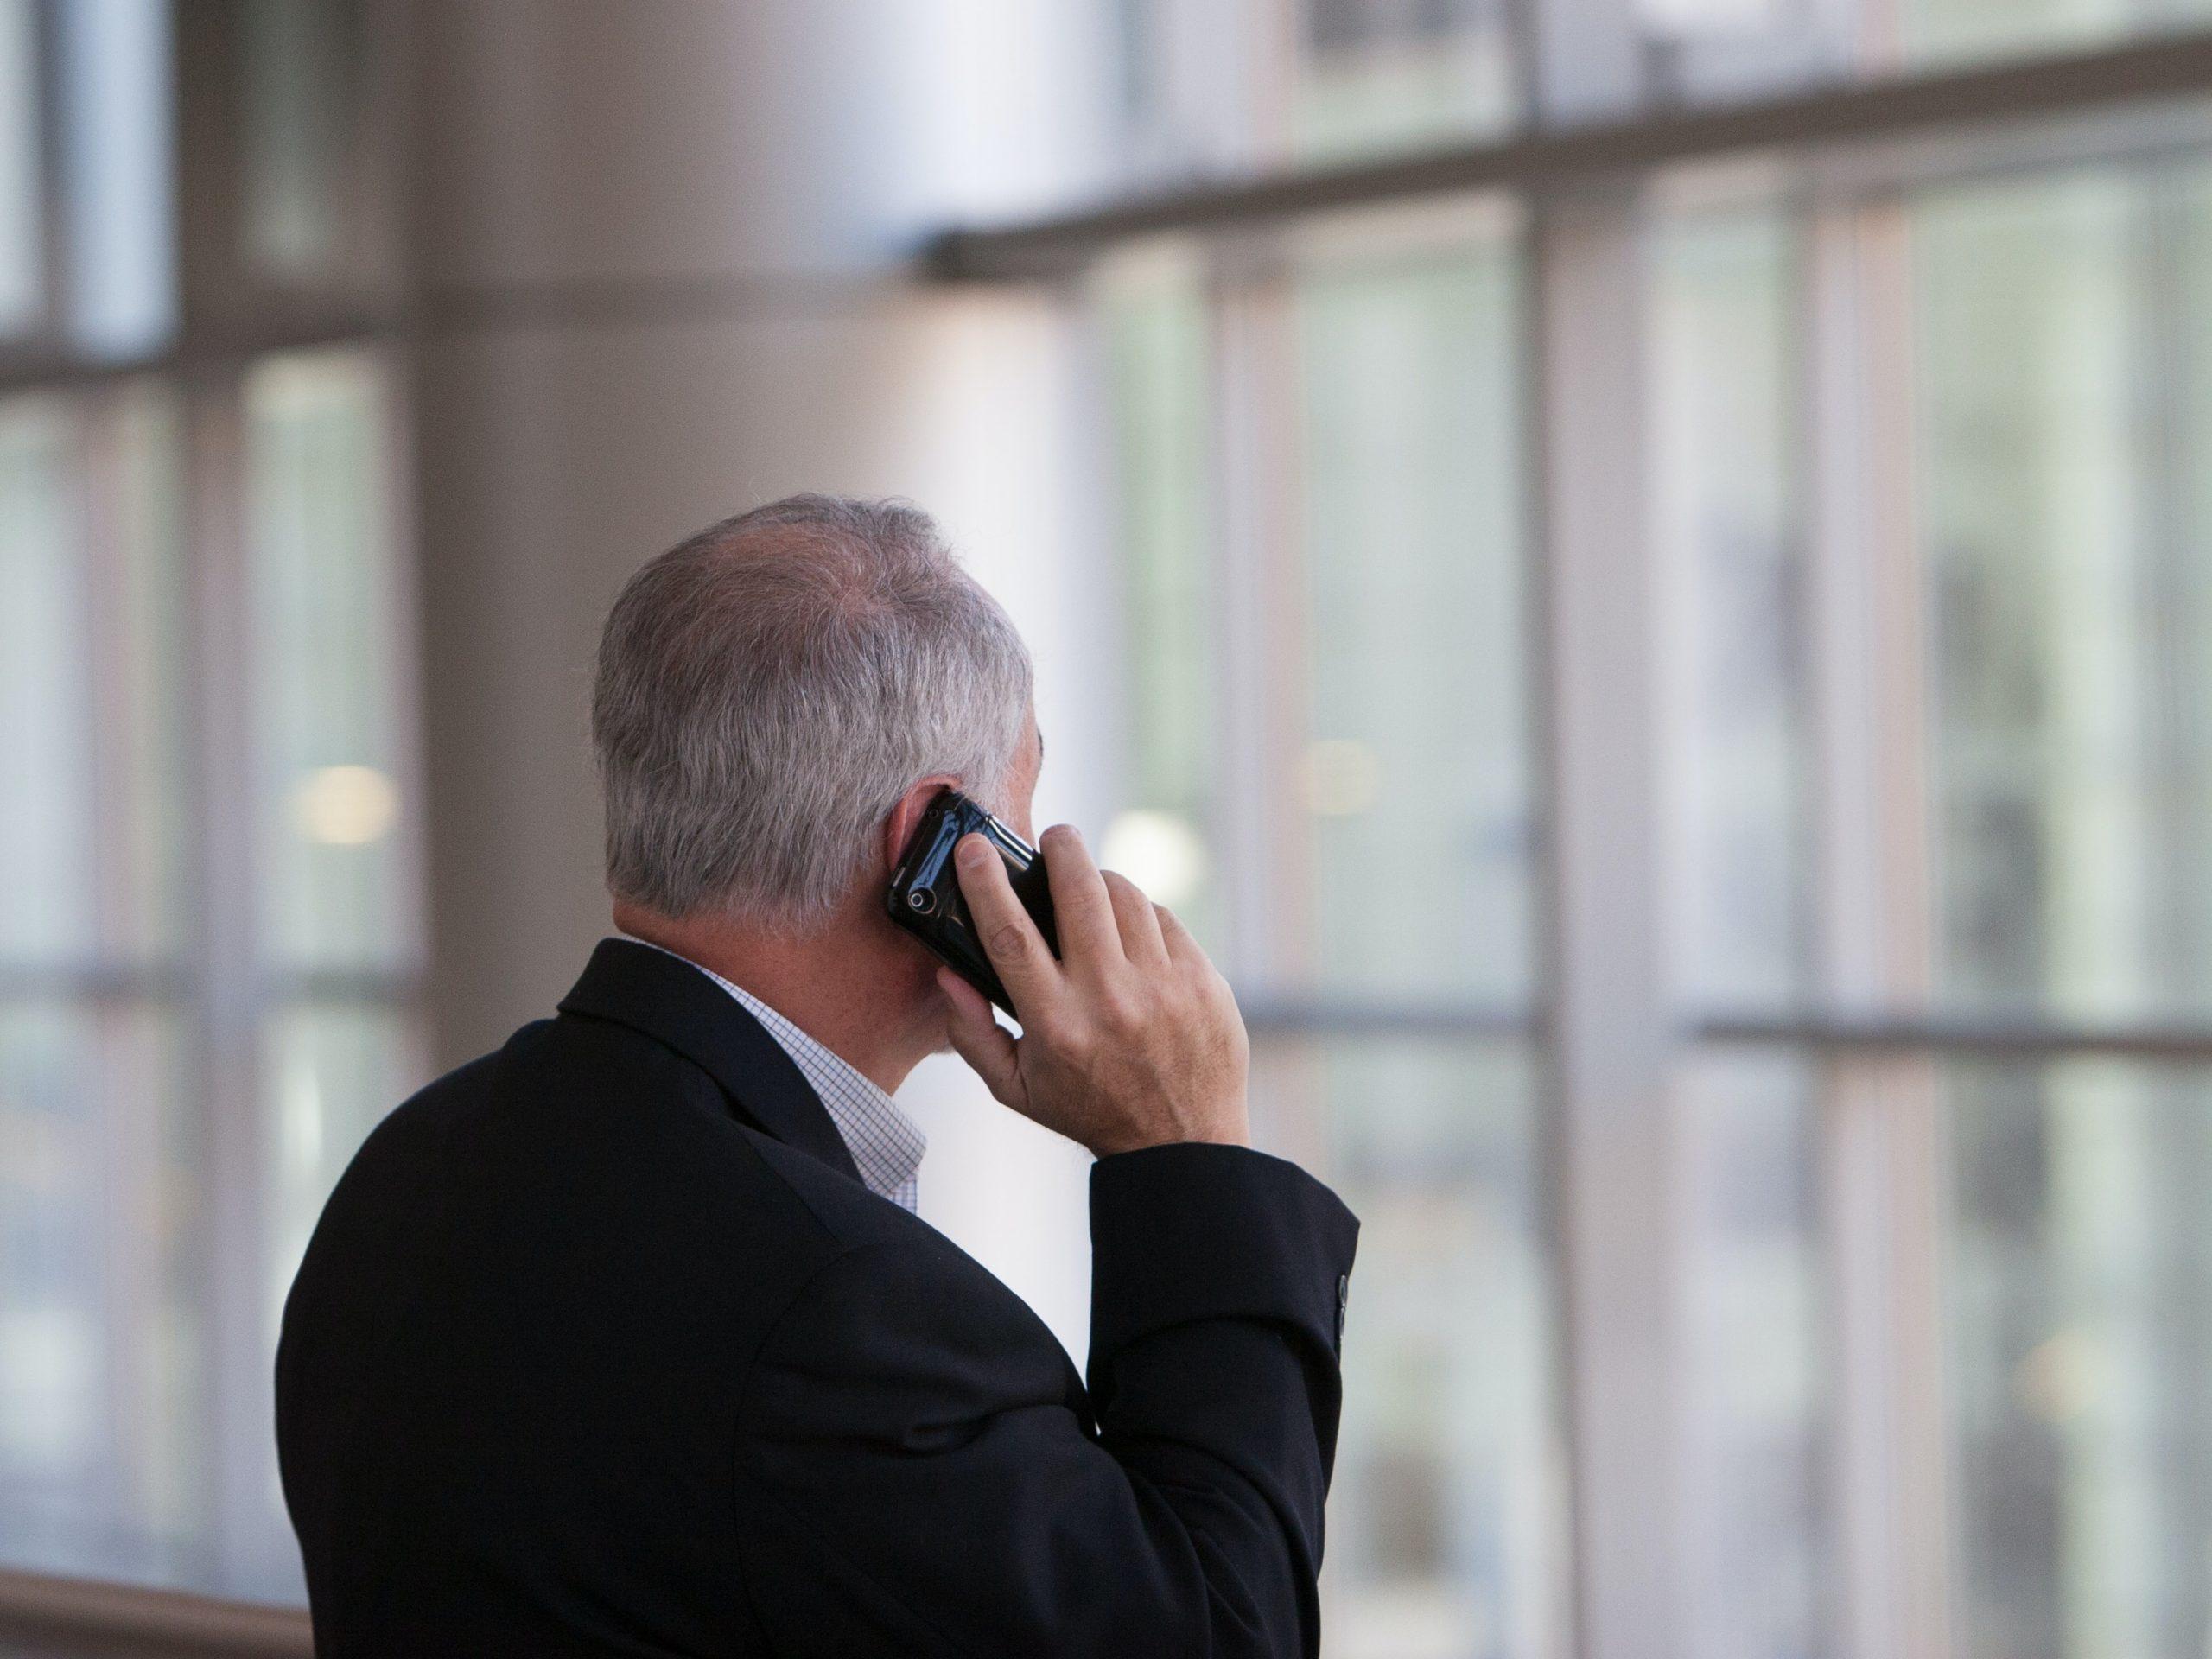 Sådan kommer du i gang med telemarketing på dit firma